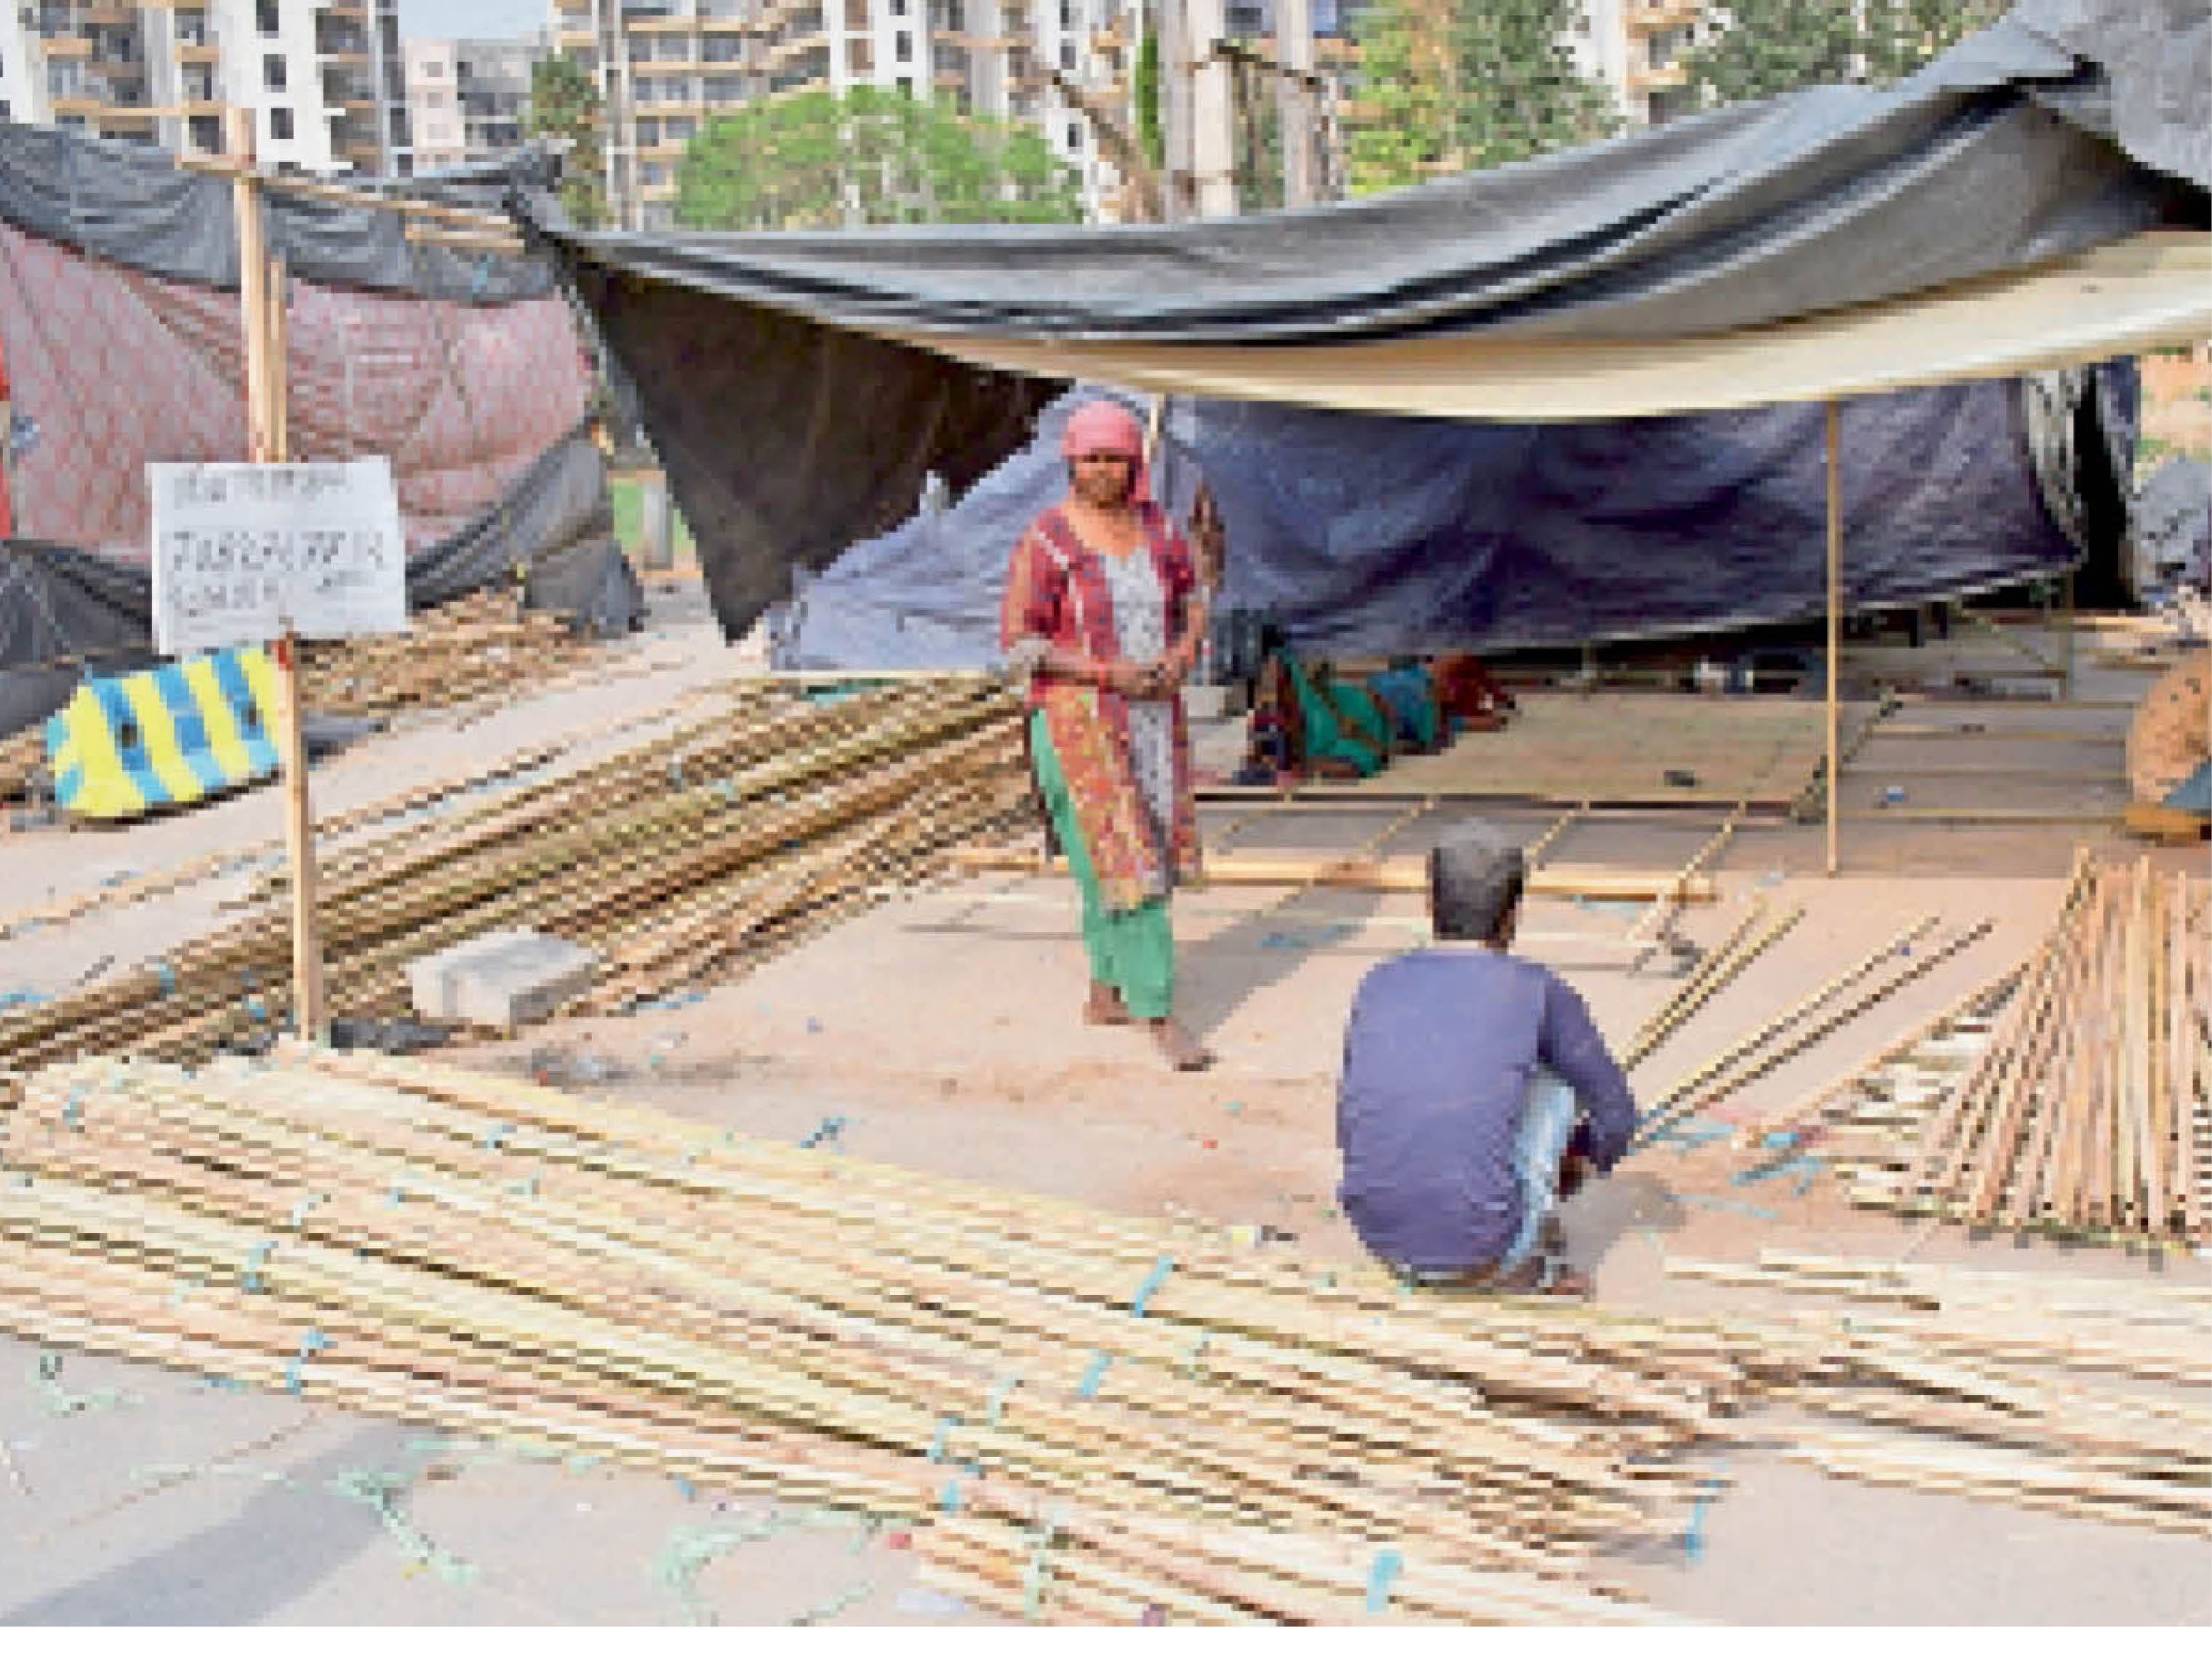 कुंडली बॉर्डर| आंदोलन में सड़क पर ही बांस से झोपड़ी तैयार करते दिल्ली से आए कारीगर।